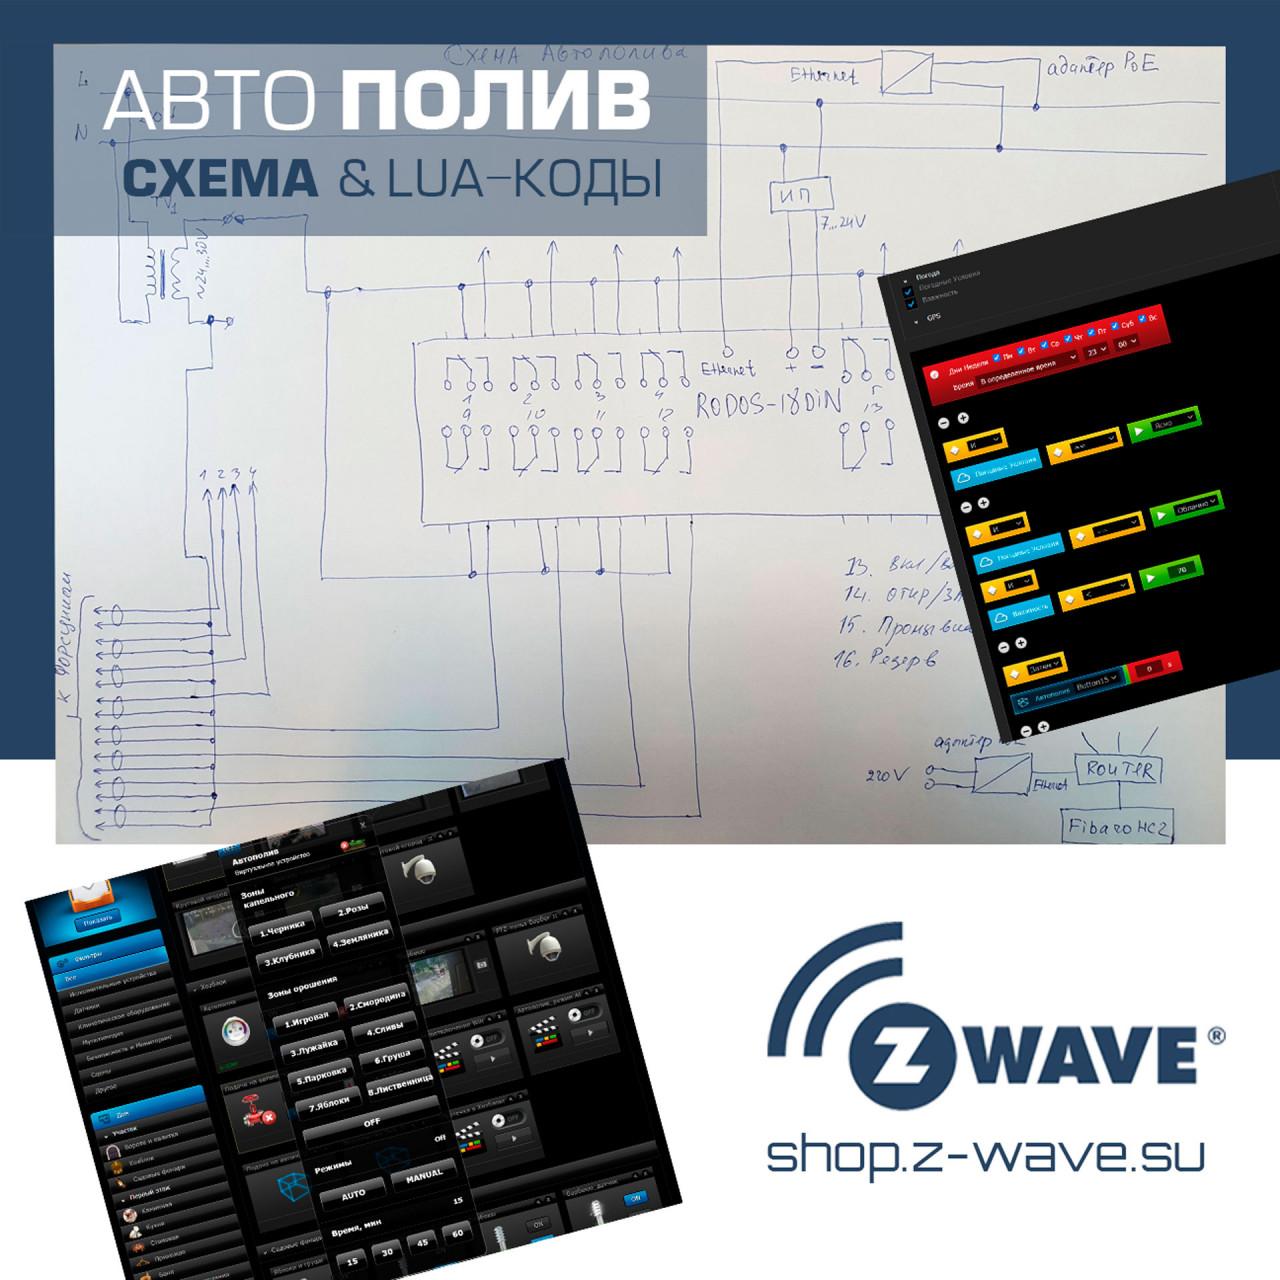 Система автополива на базе Fibaro Home Center и Ethernet-реле RODOS-18DIN